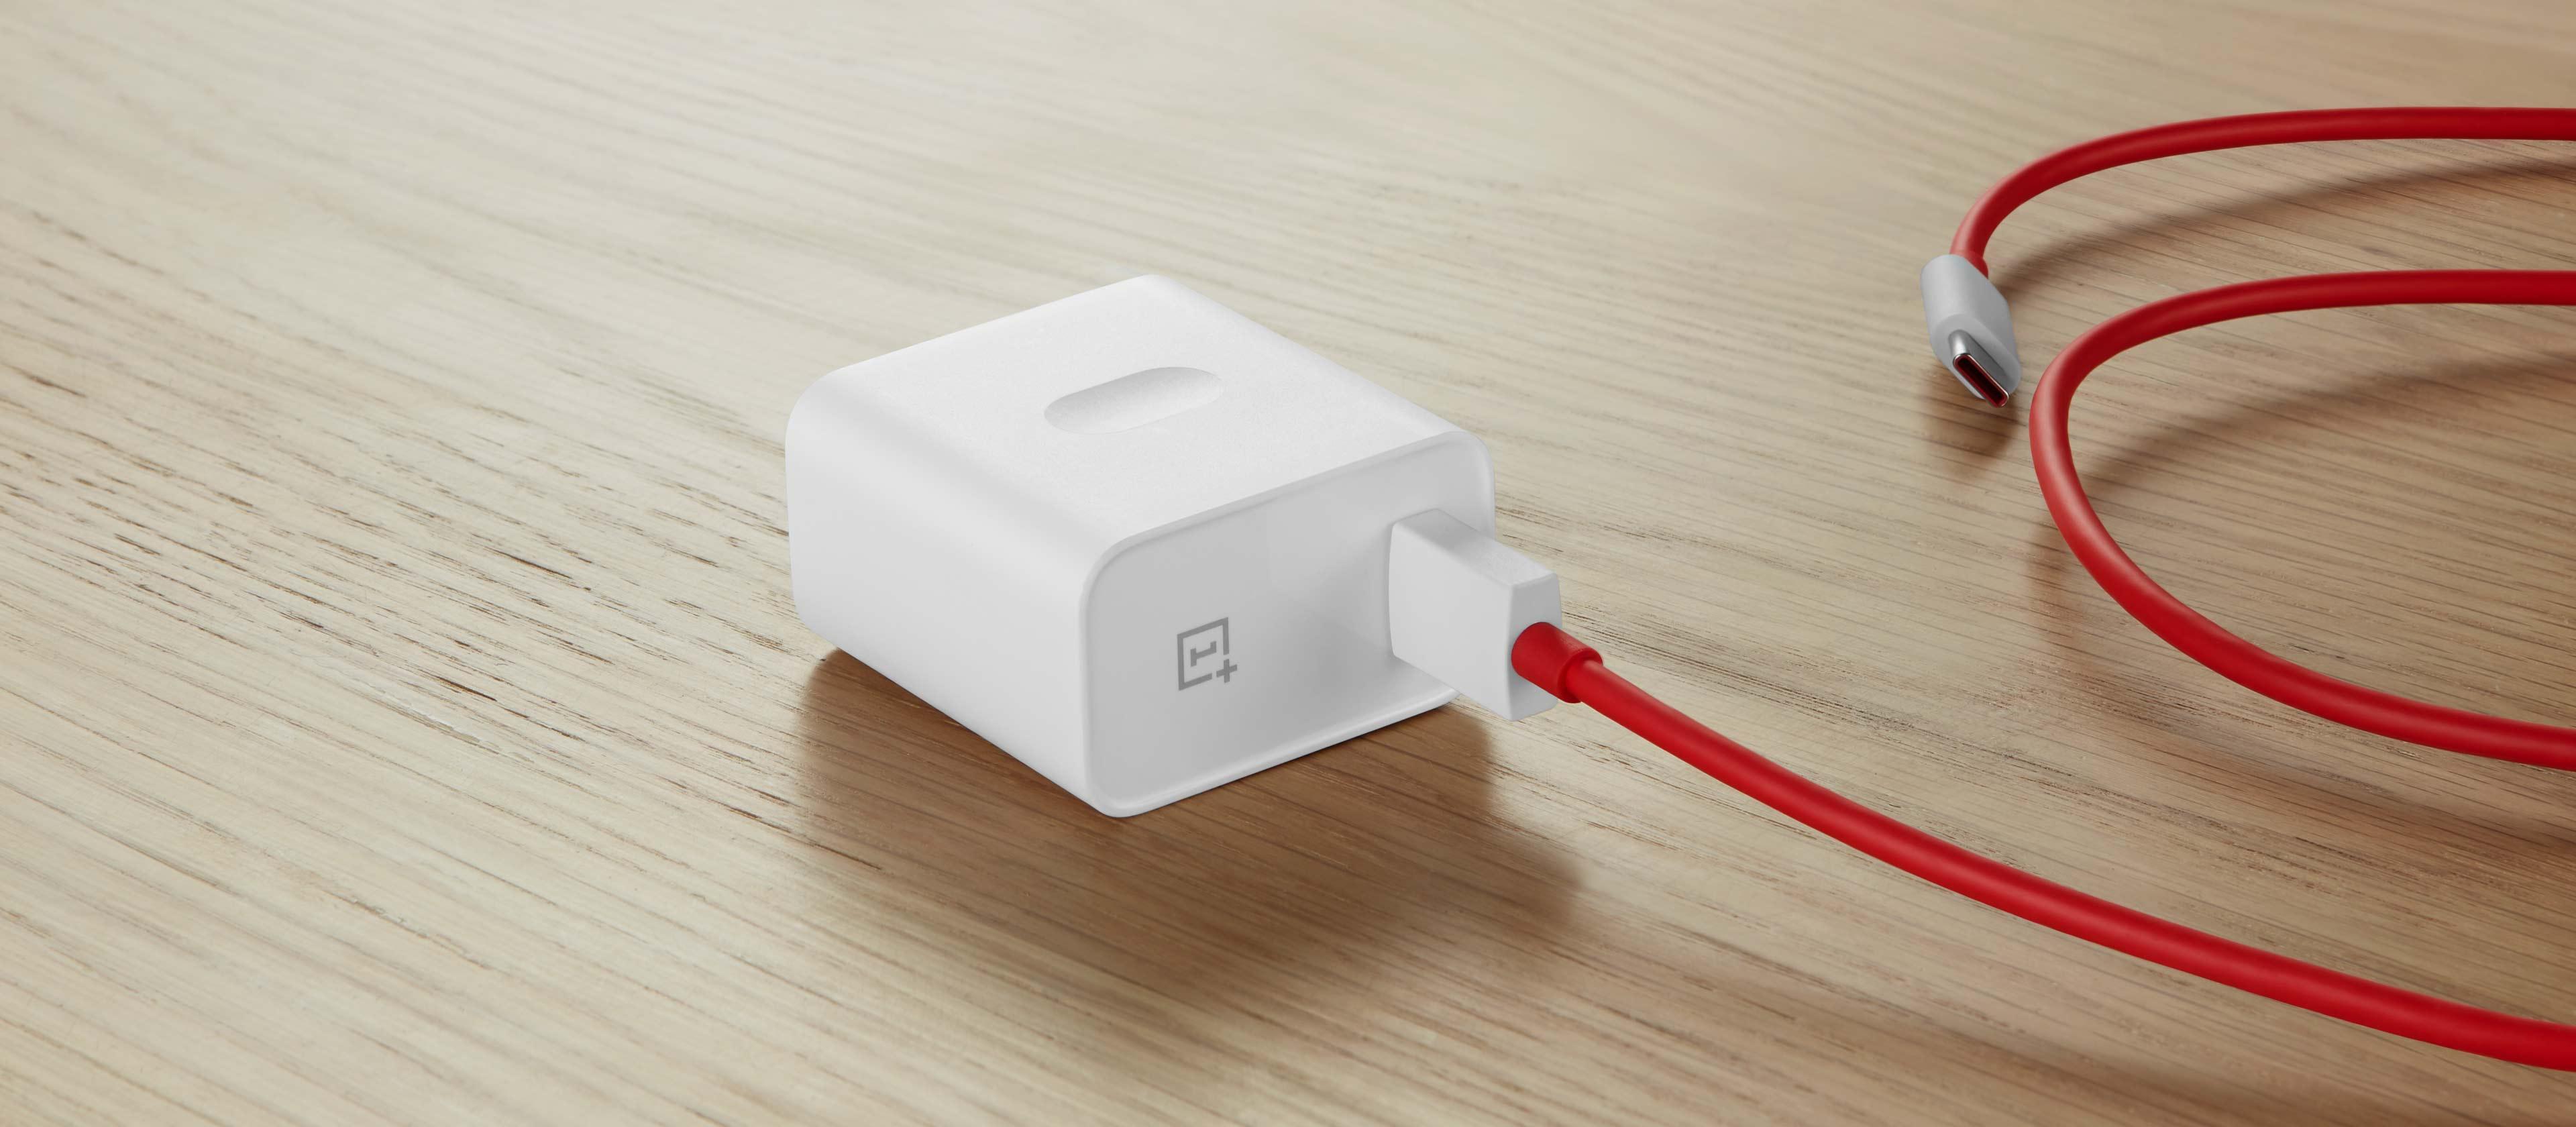 Ładowarka Sieciowa OnePlus Warp Charge 30 Sklep OnePlus